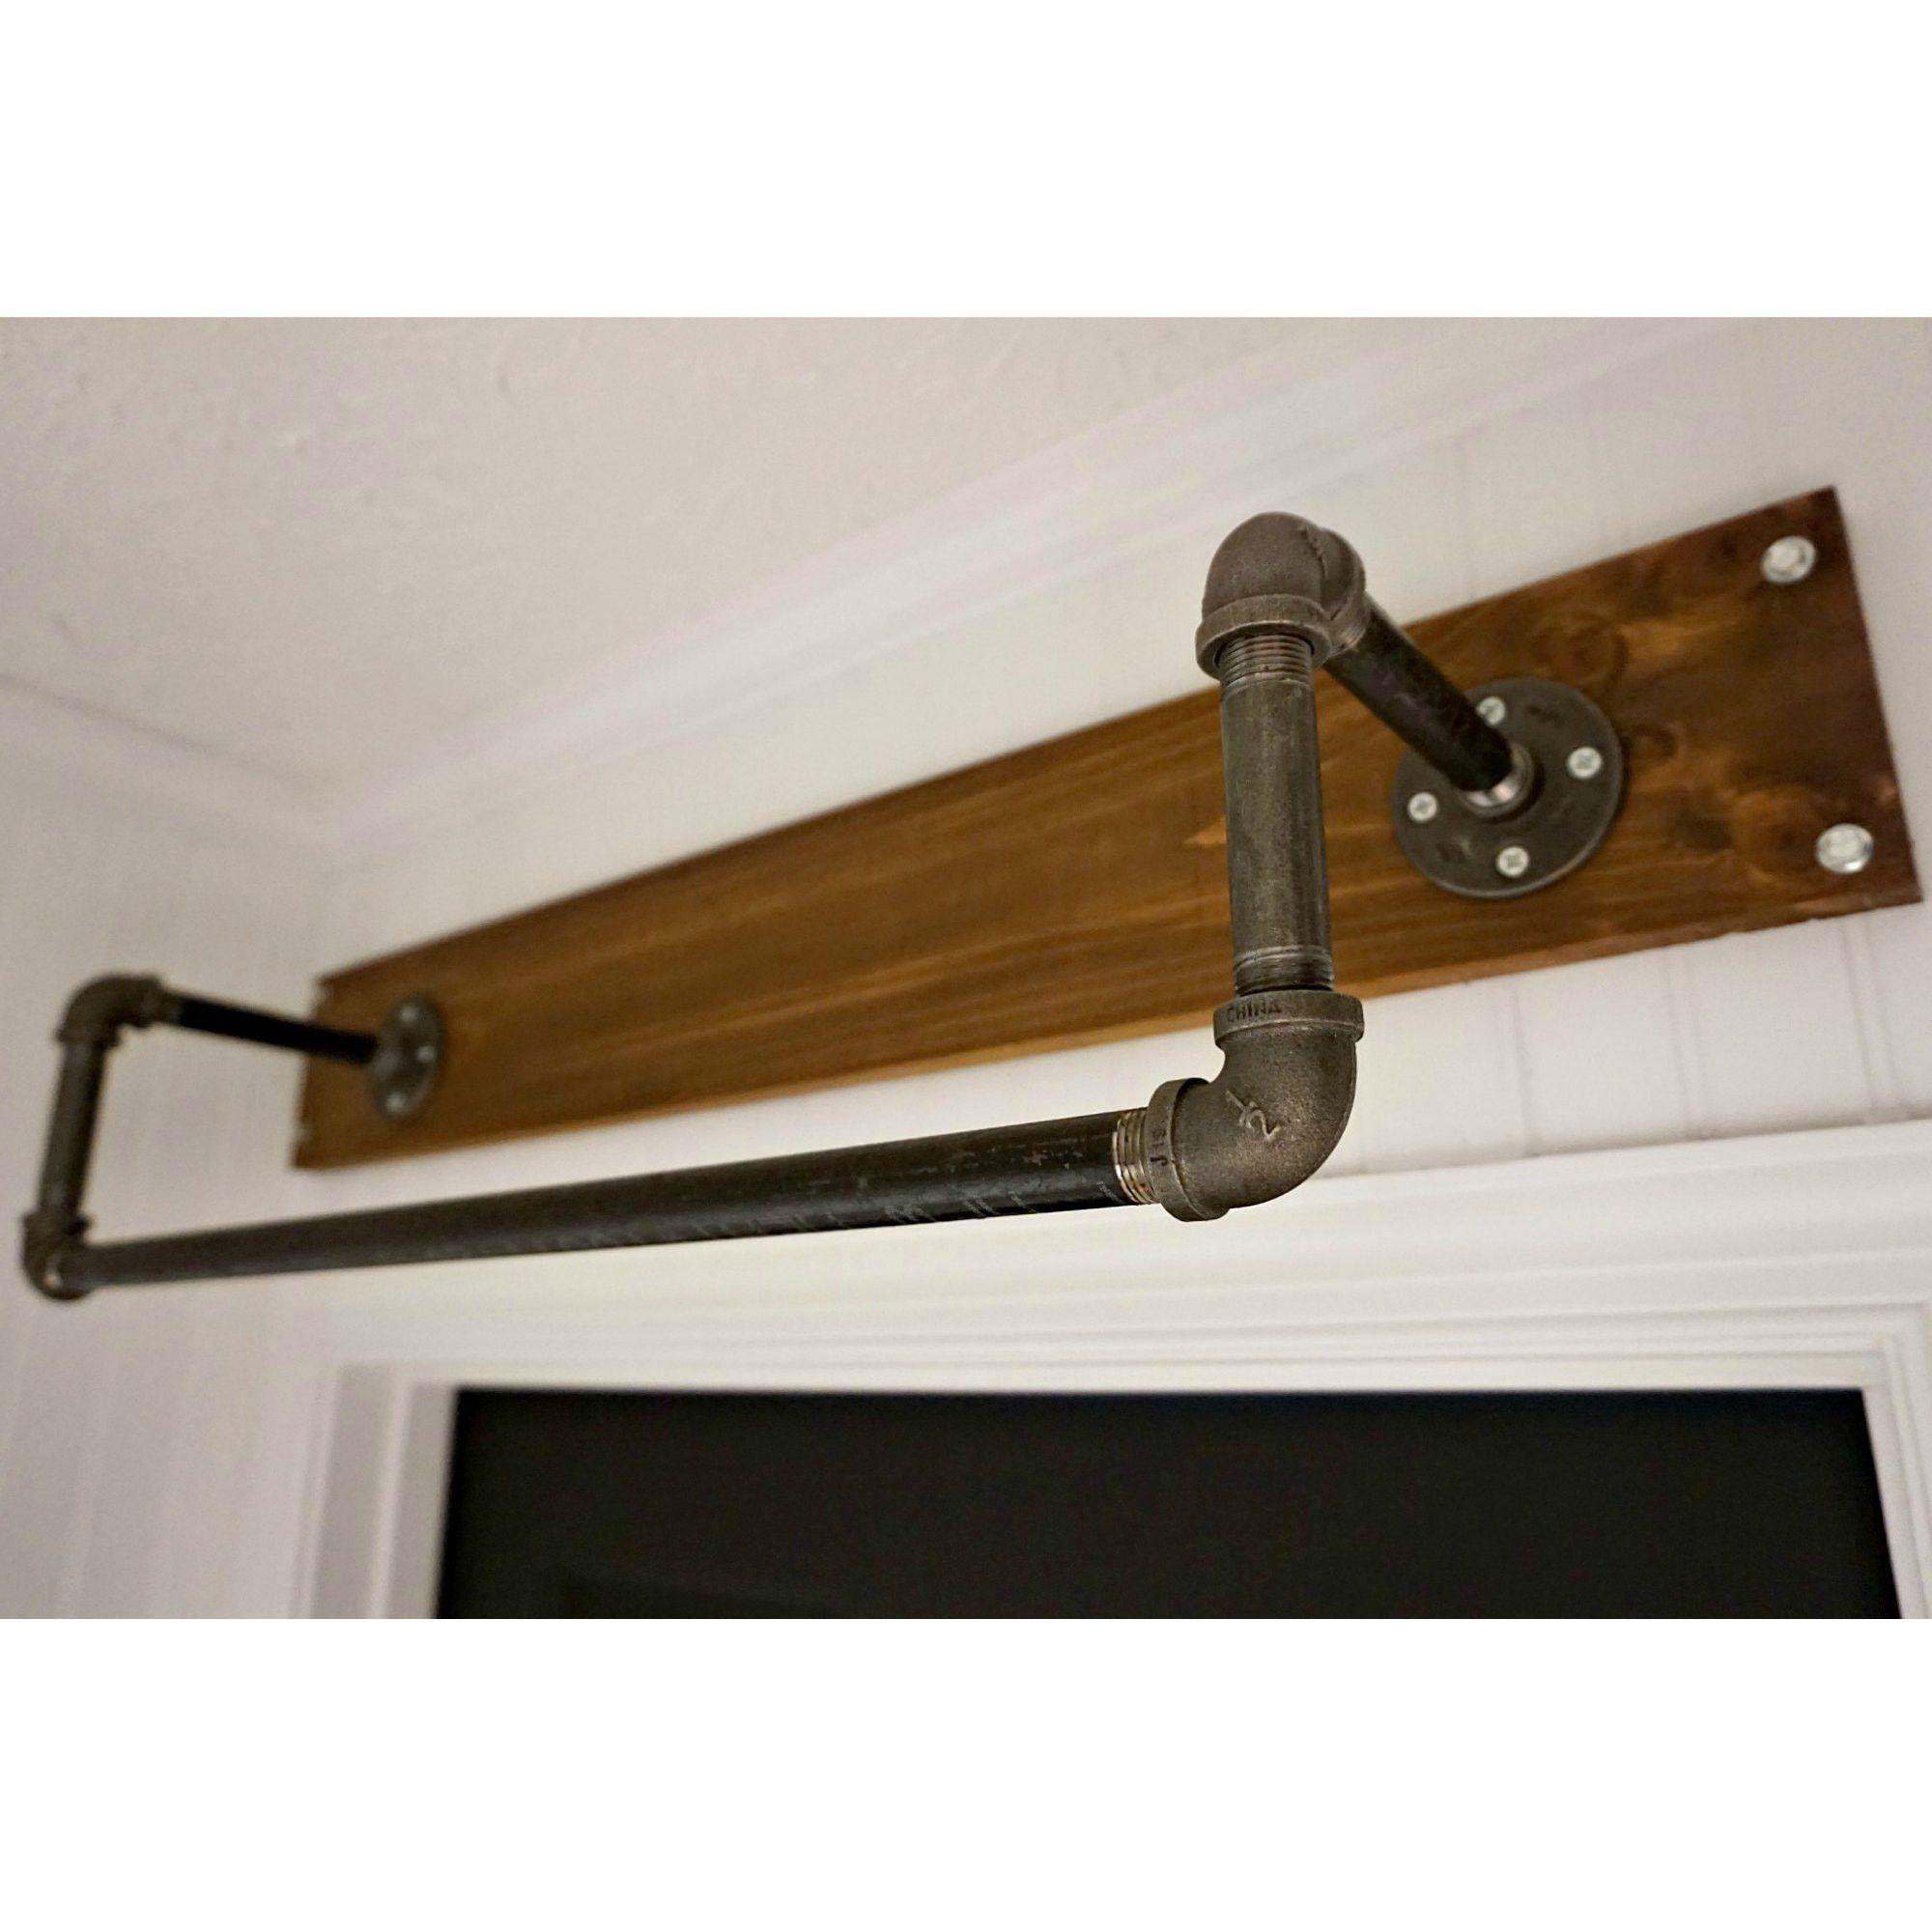 Rustikale badezimmerdekorideen industrial abovedoor hanging rod valet  wohnung  pinterest